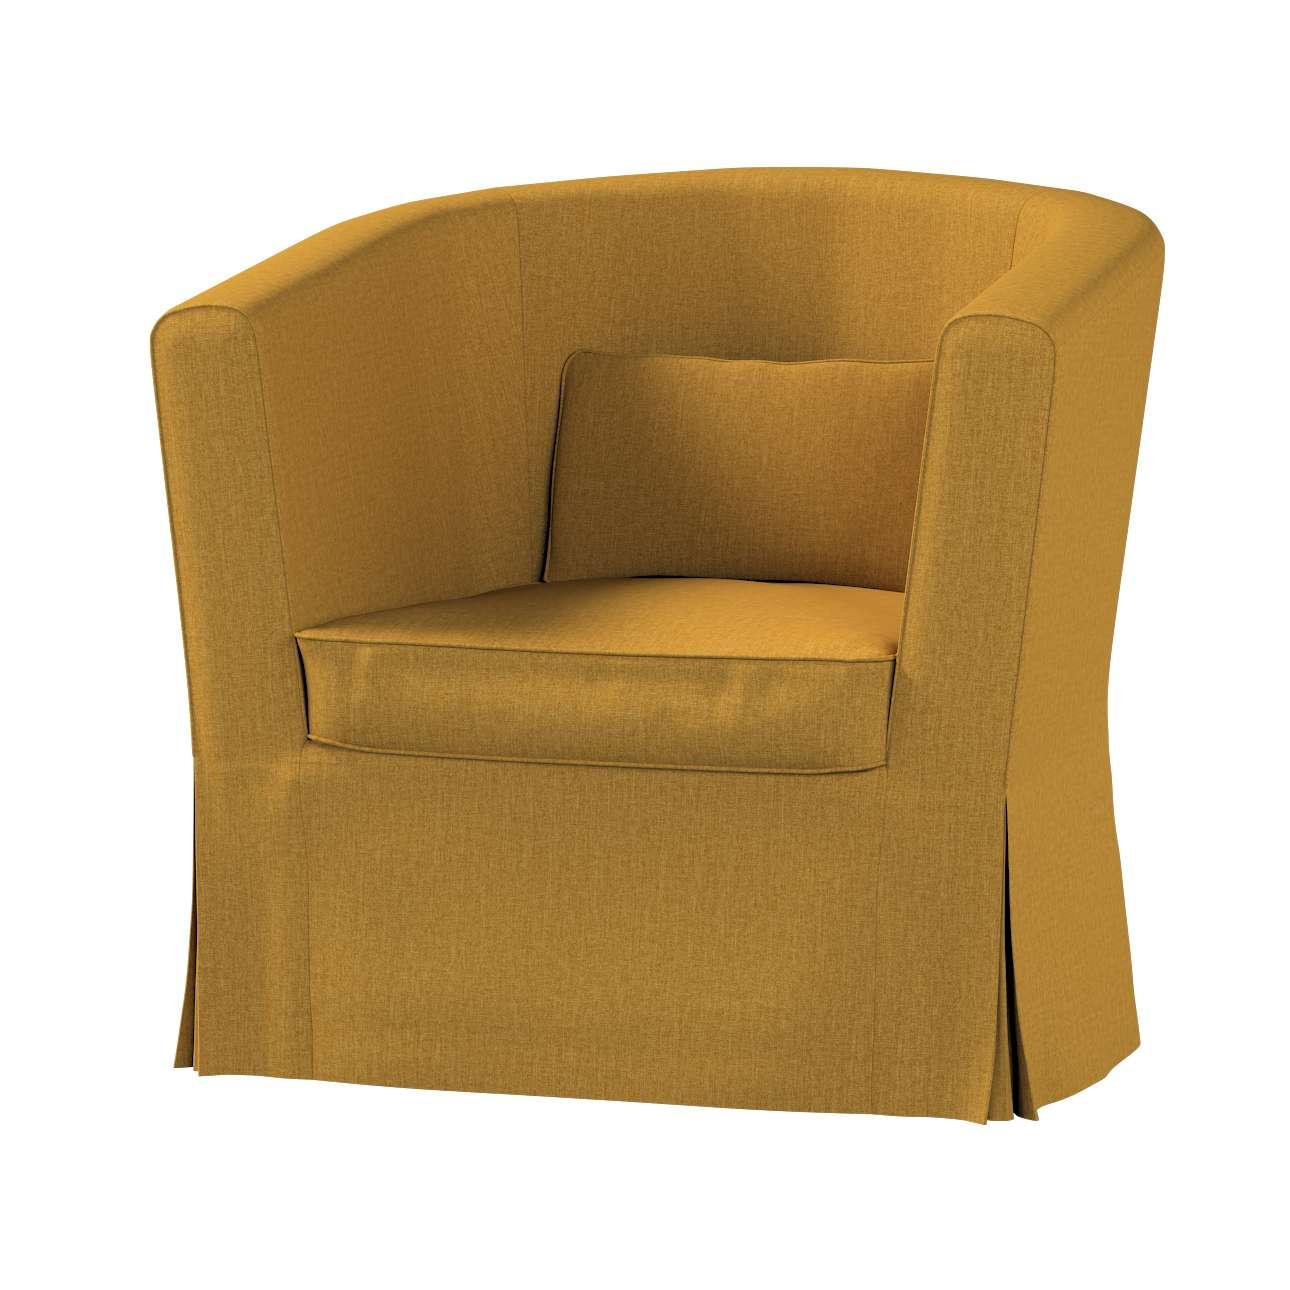 Pokrowiec na fotel Ektorp Tullsta w kolekcji City, tkanina: 704-82